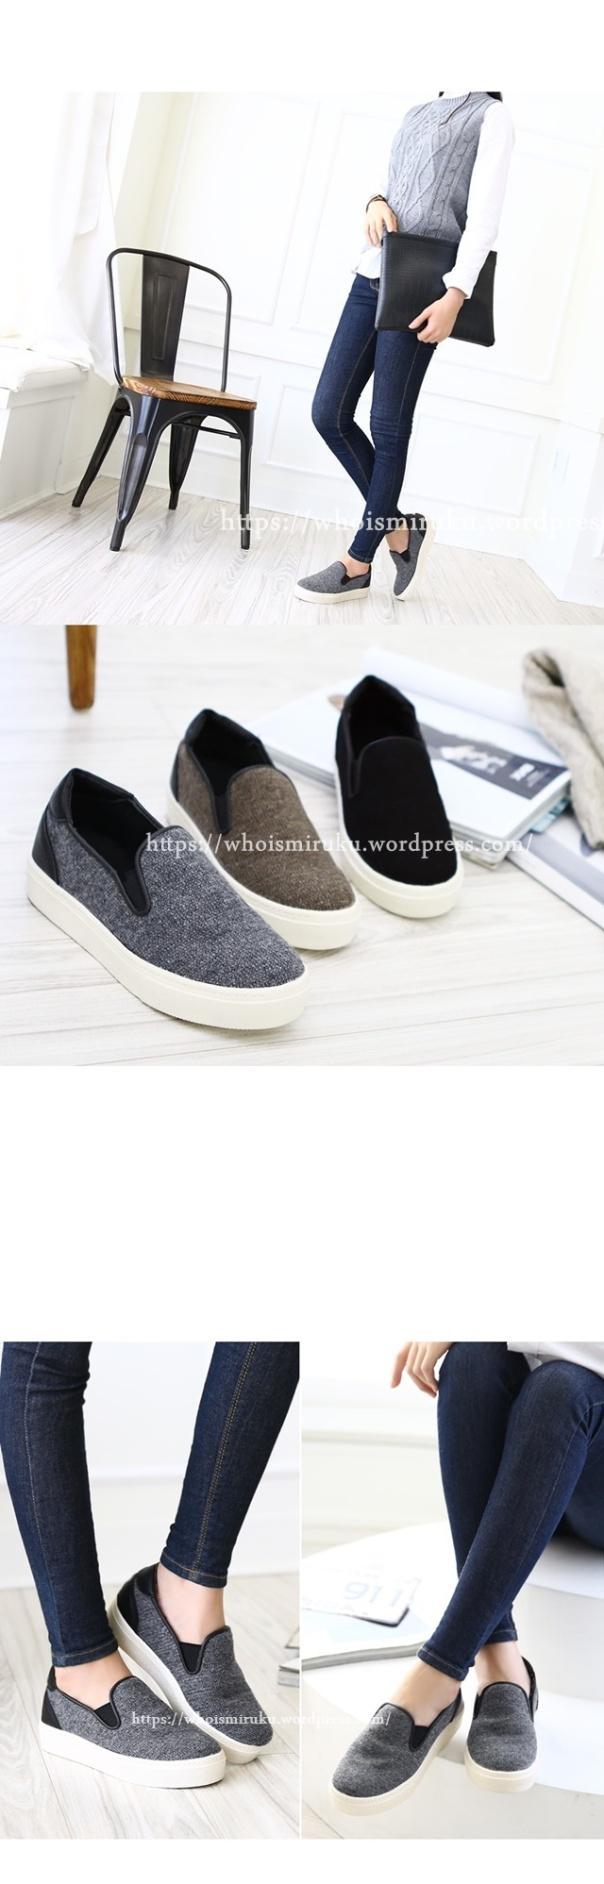 shoes_20150923_07O_02-3